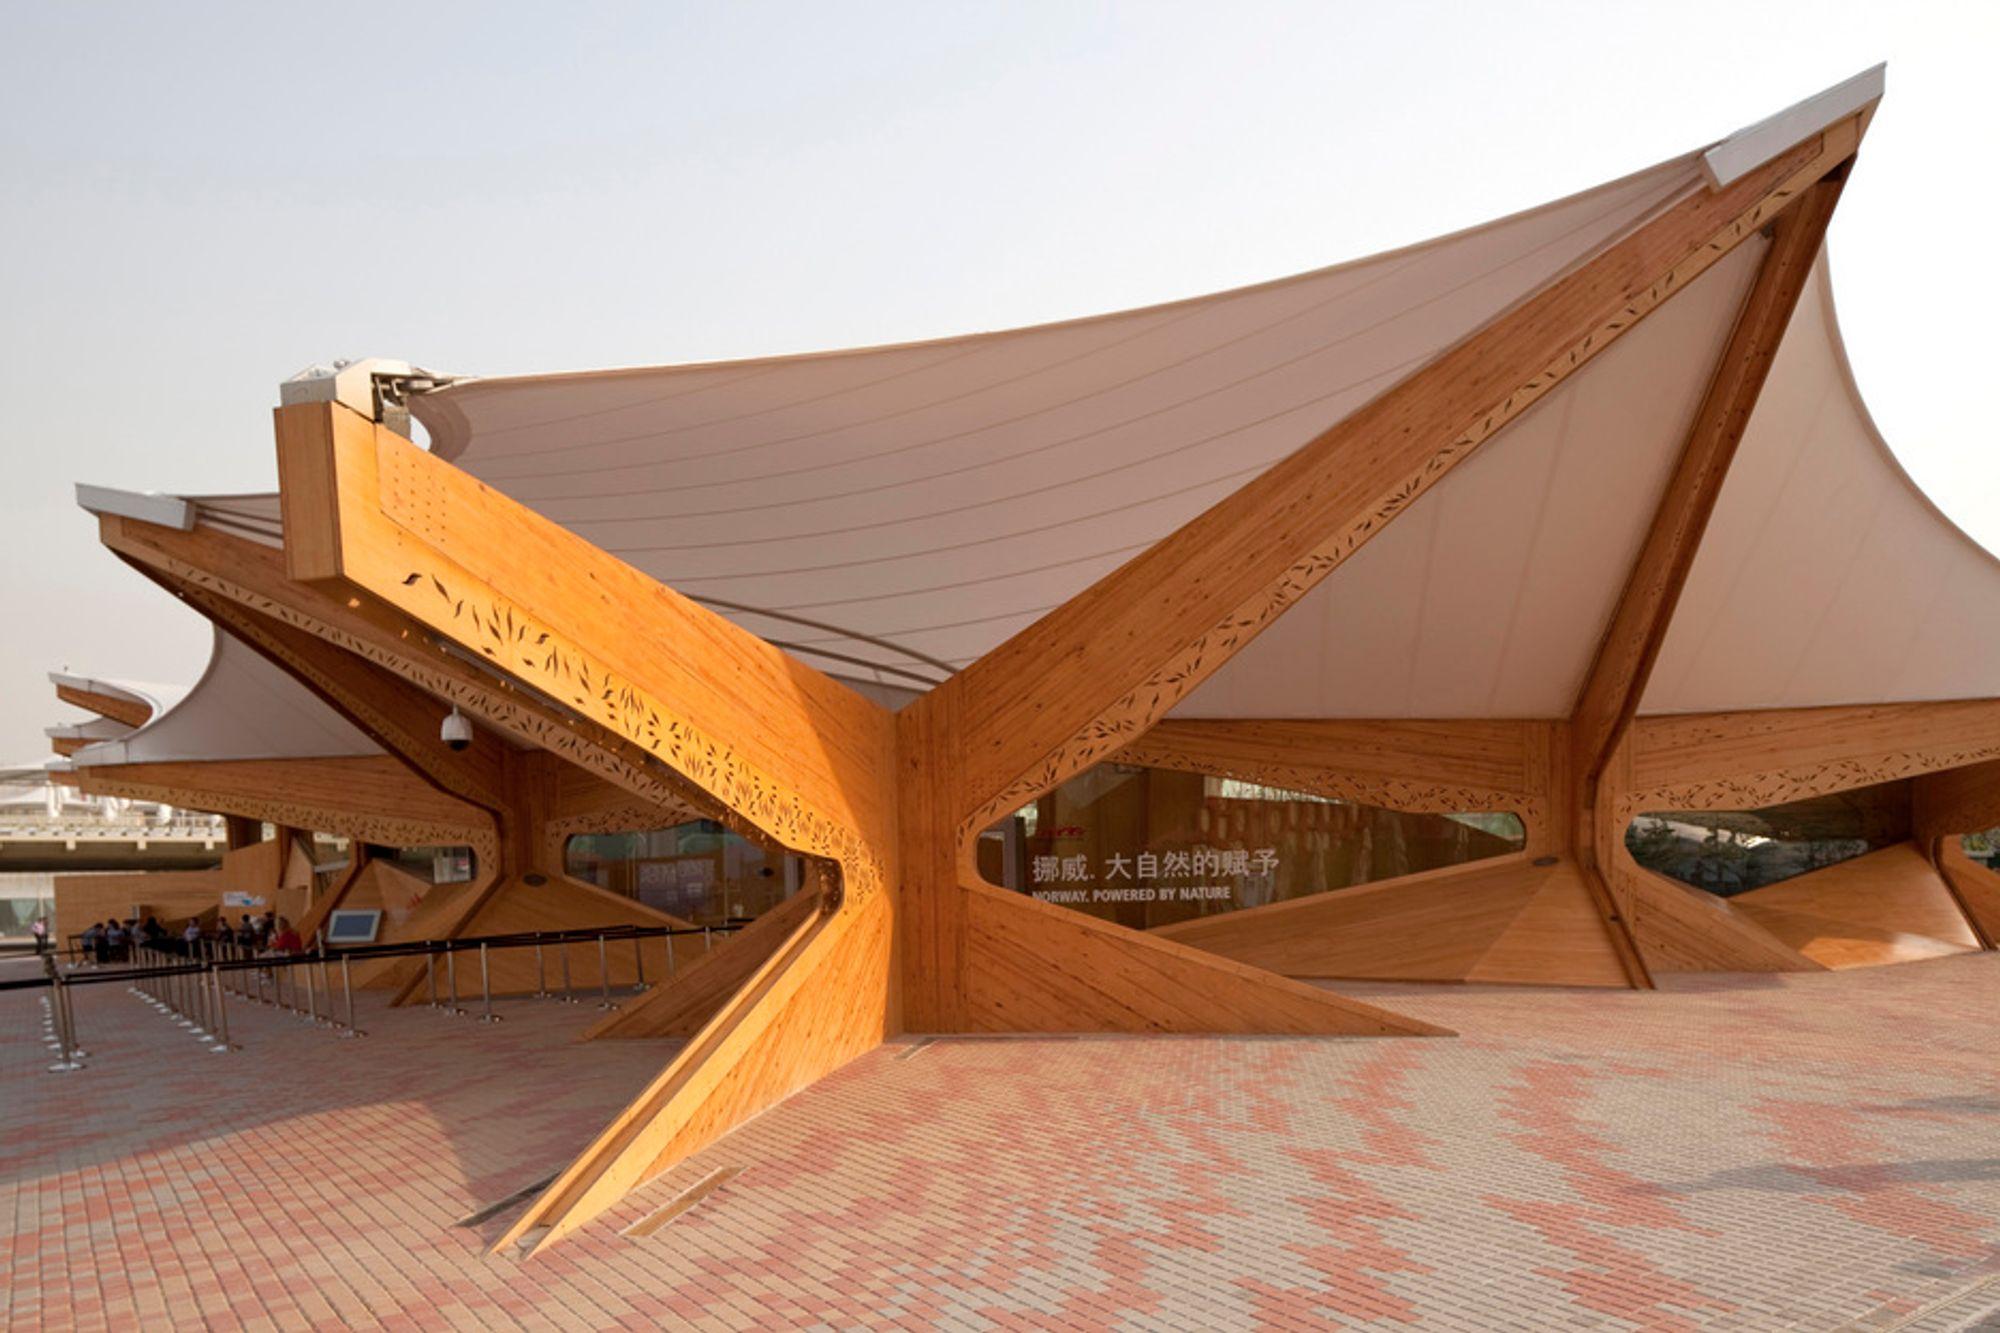 SOLGT: Salget av Norges paviljong på Expo 2010 bidrar til regnskapet etter Expo som har kostet minst 150 millioner.